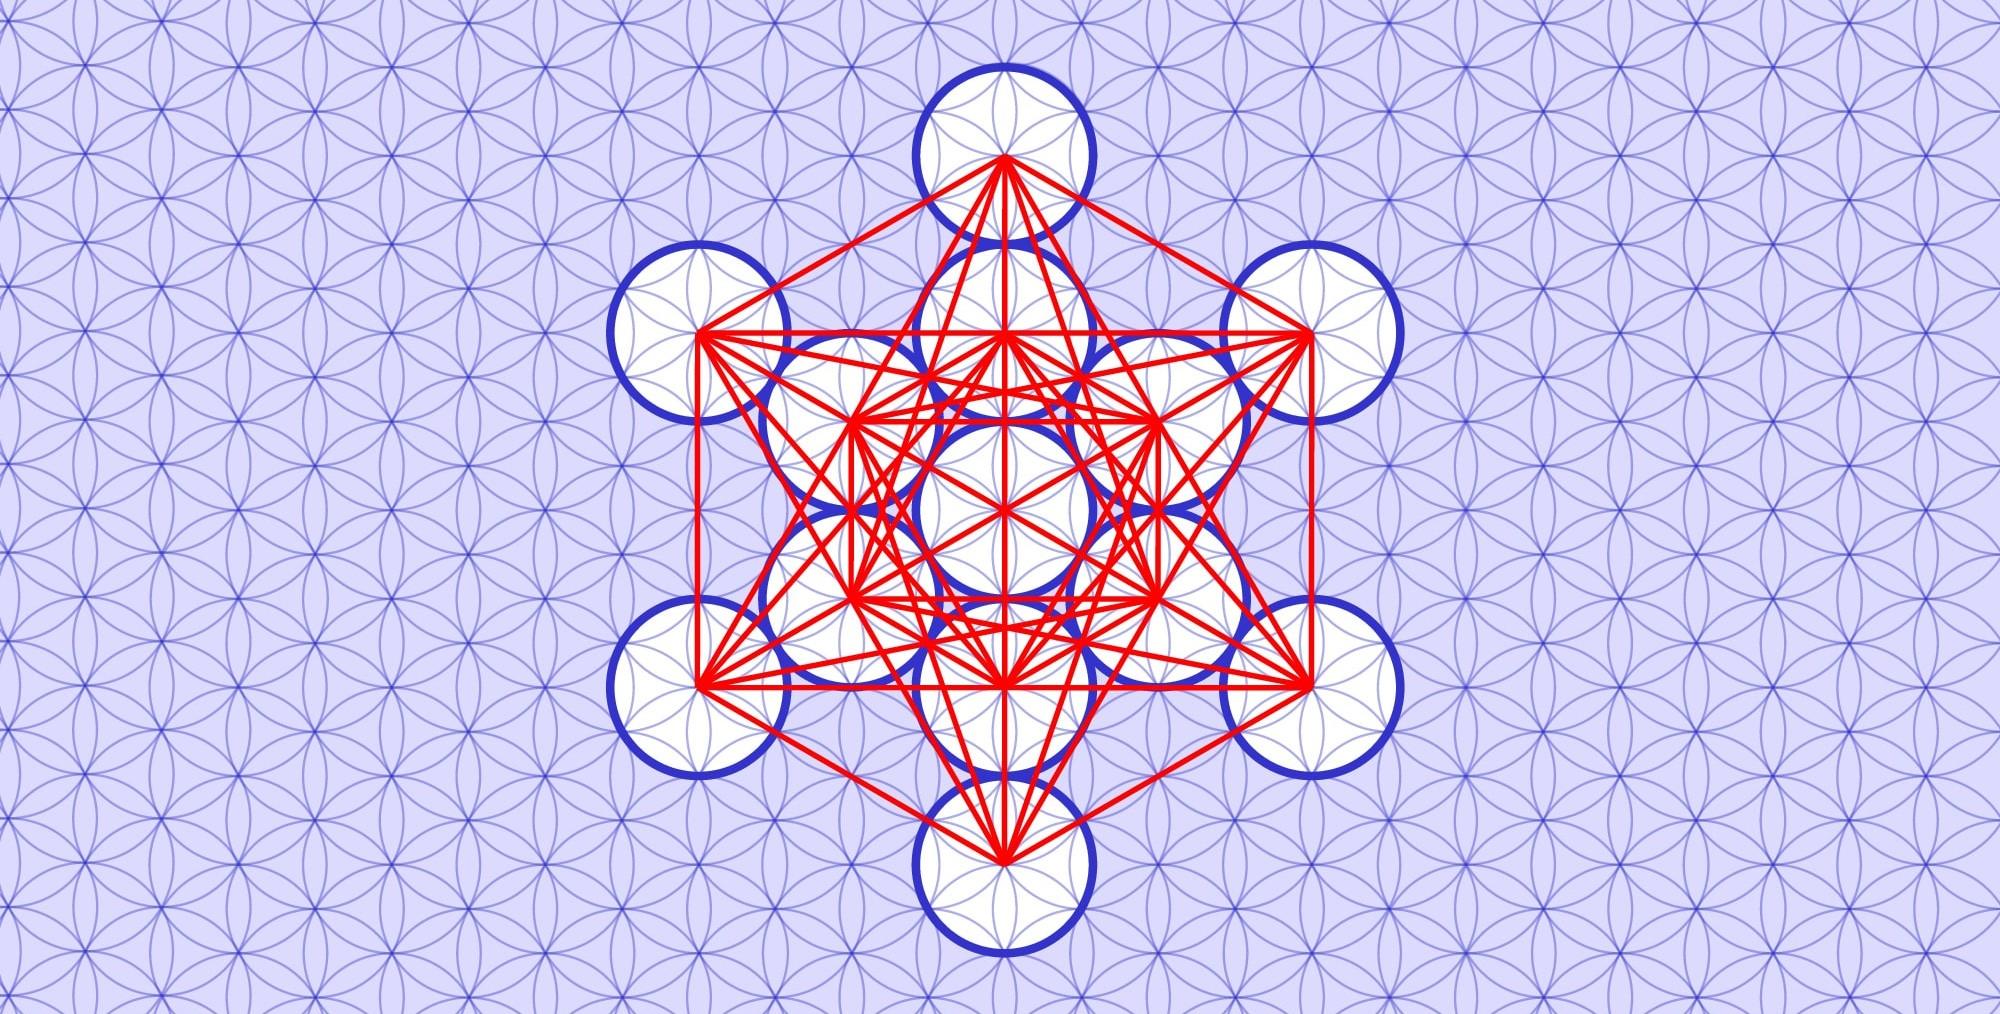 3. Metatron's Cube